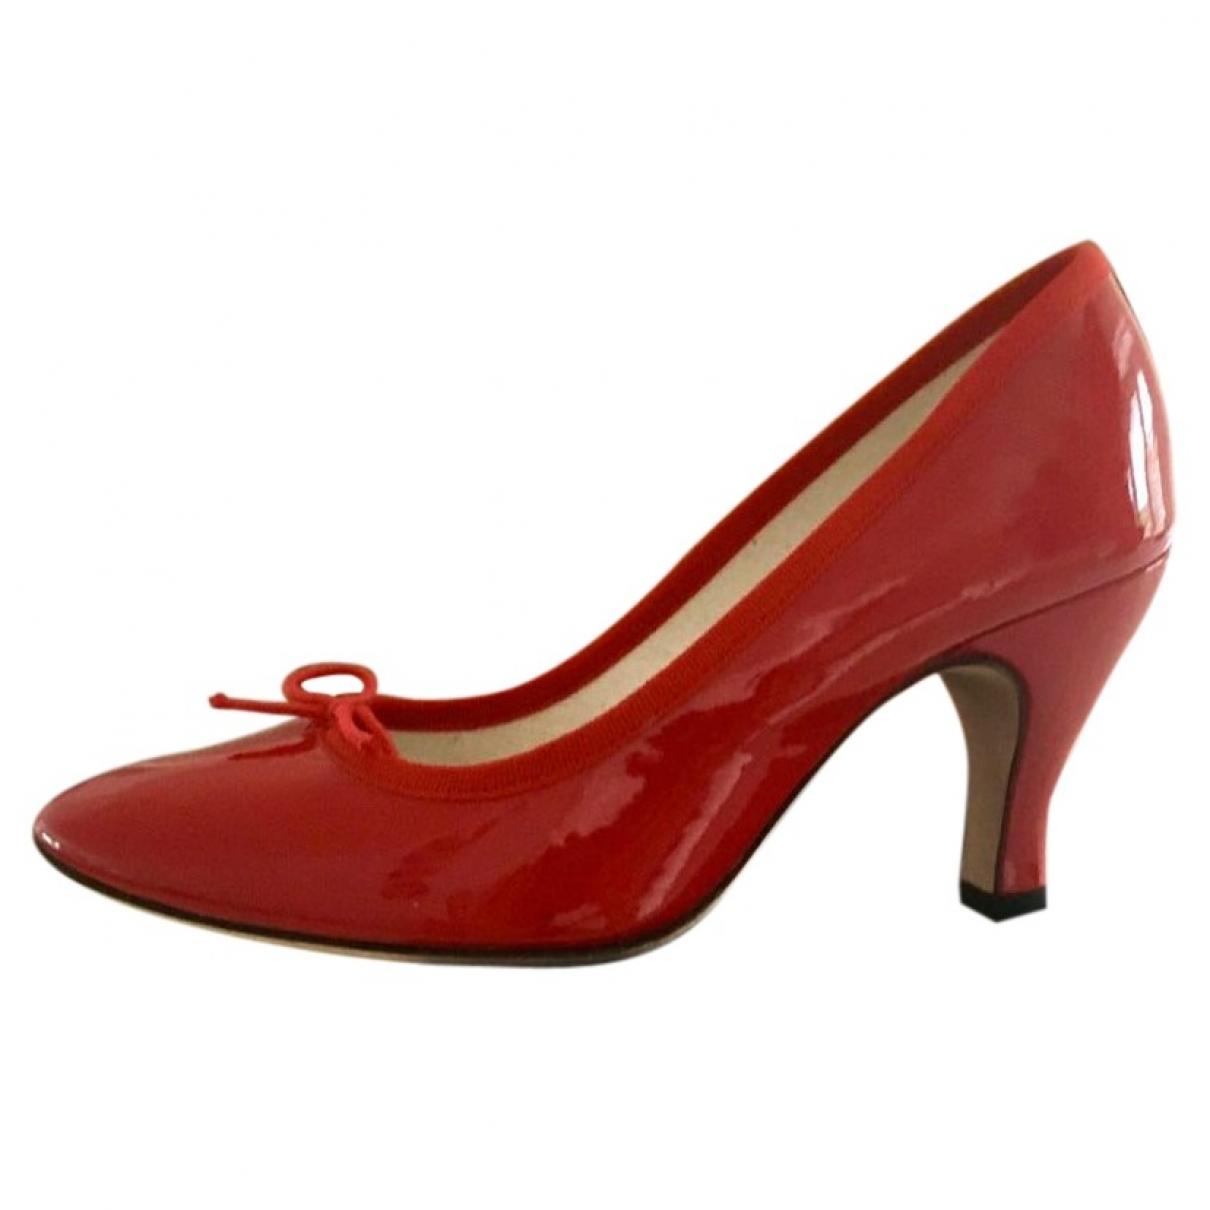 Repetto - Escarpins   pour femme en cuir verni - rouge